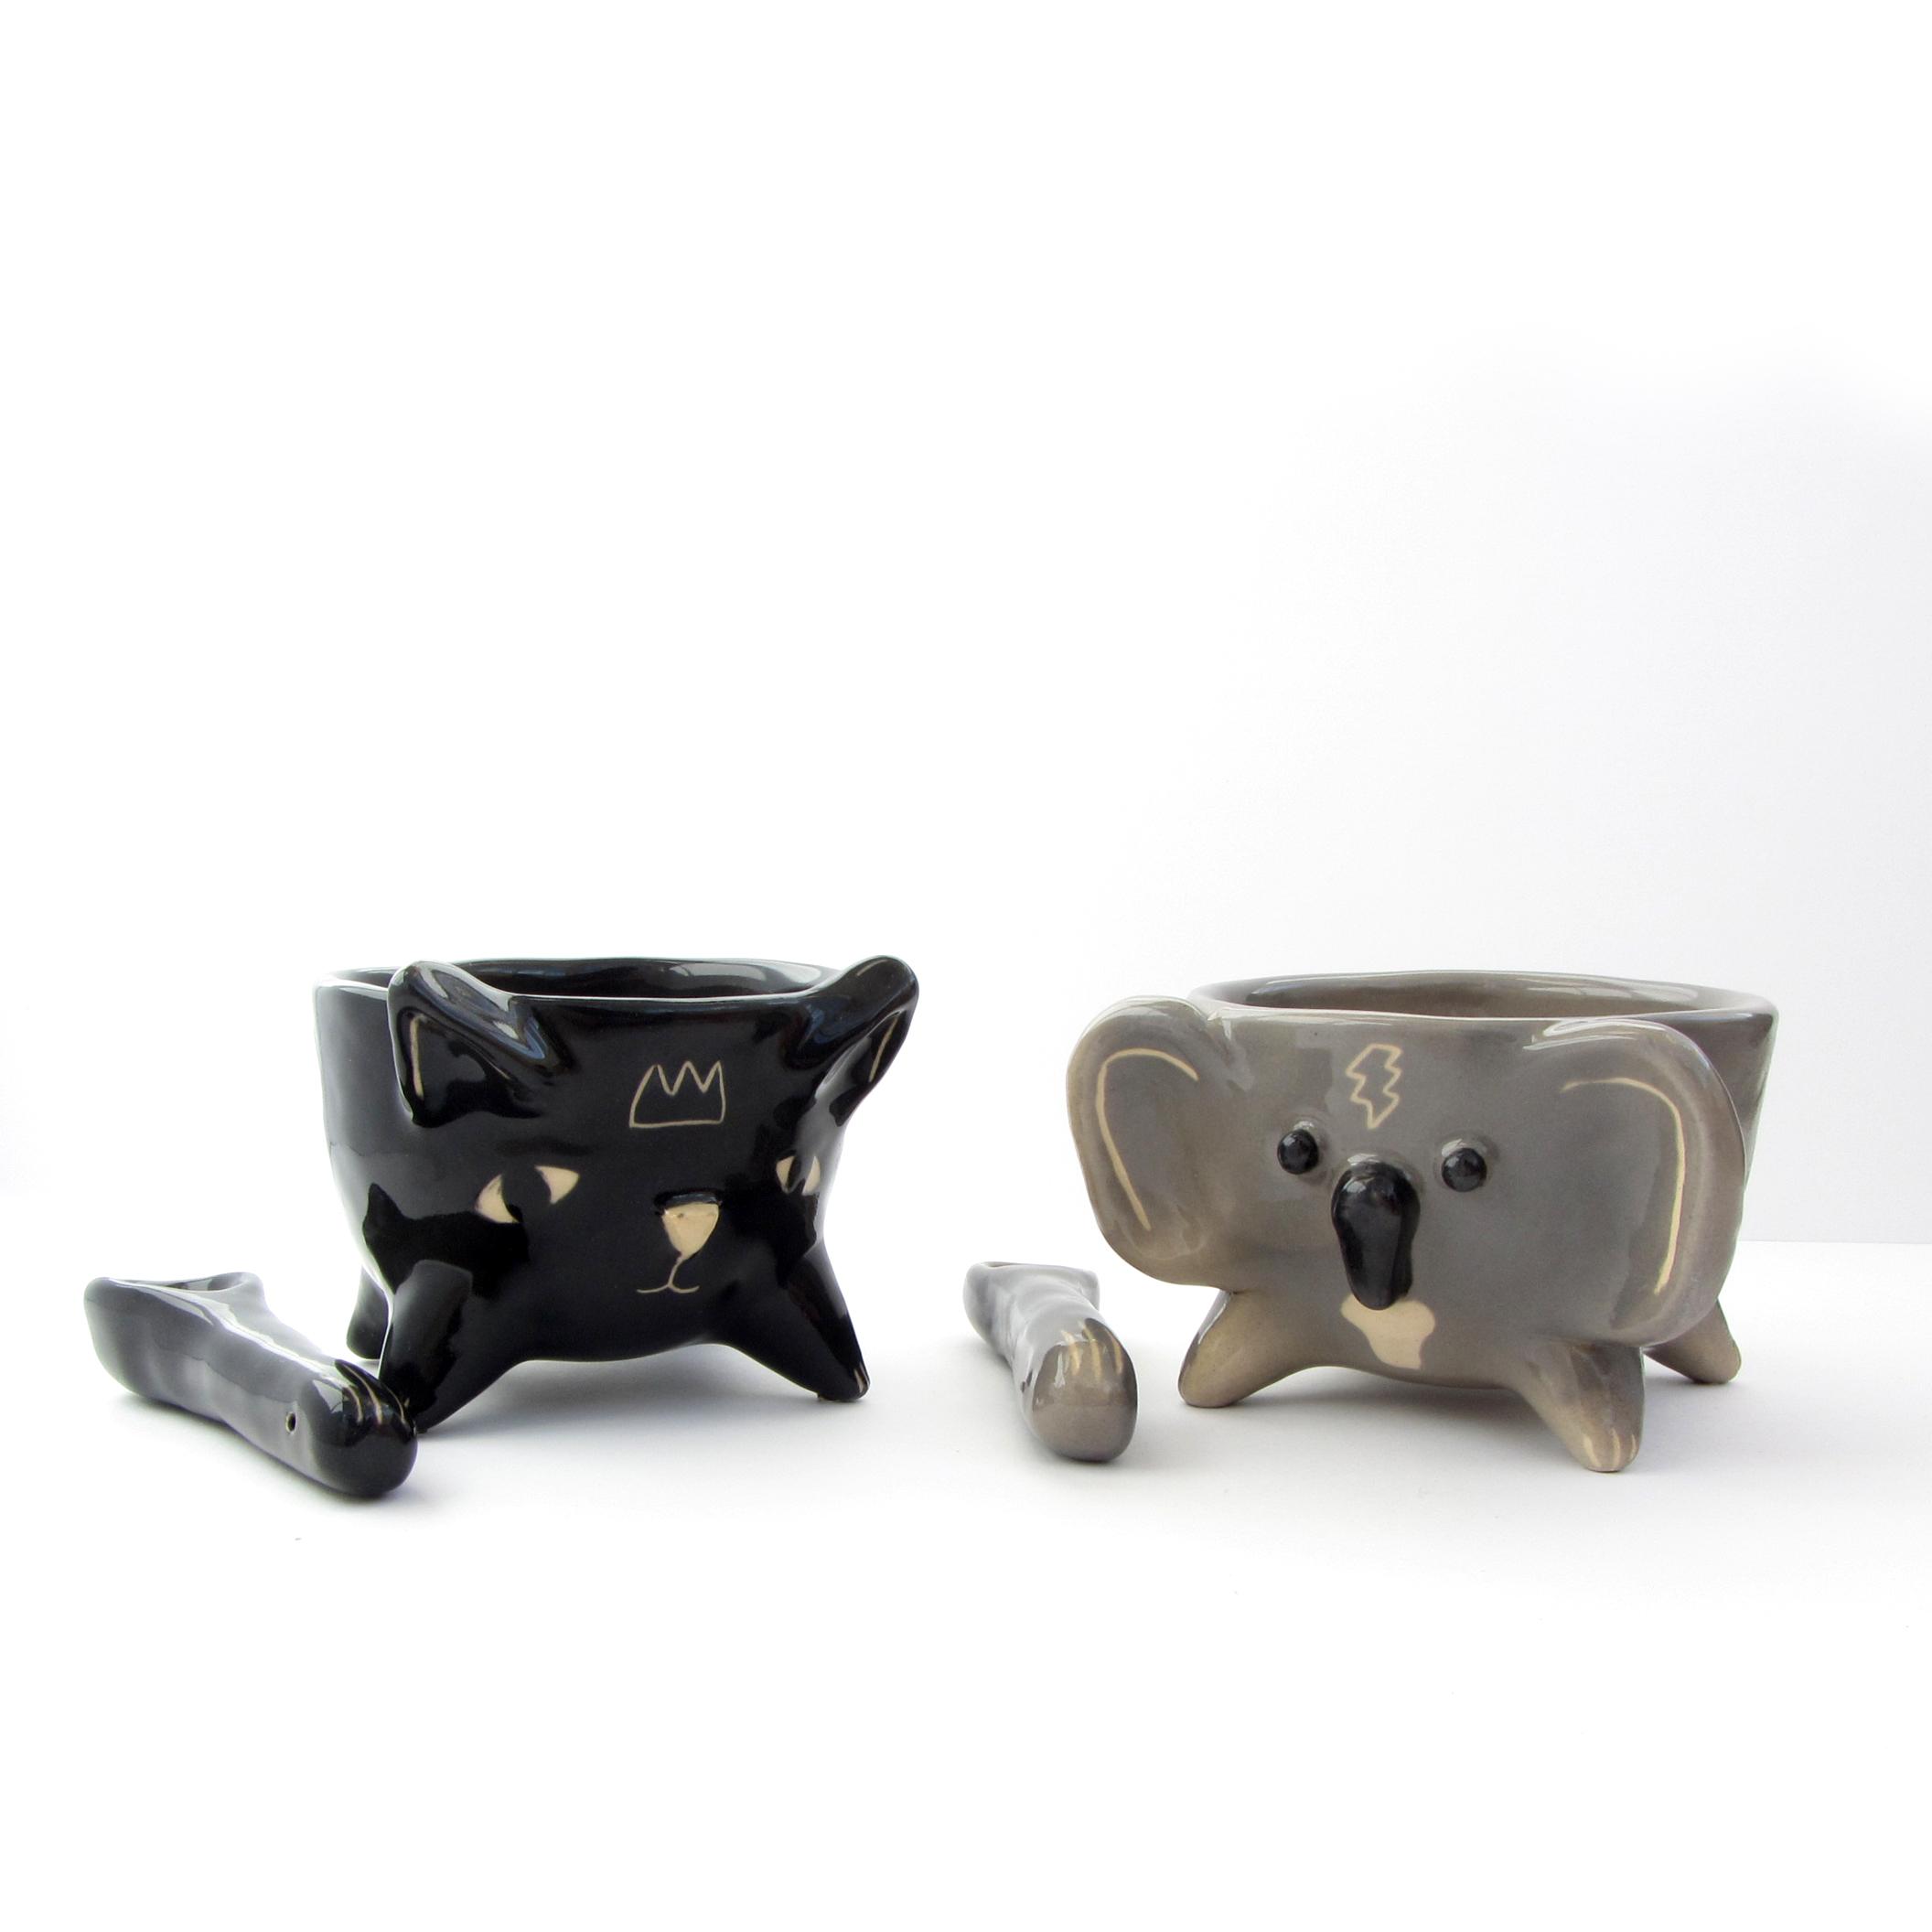 taza cuchara gato koala cerámica artesanal